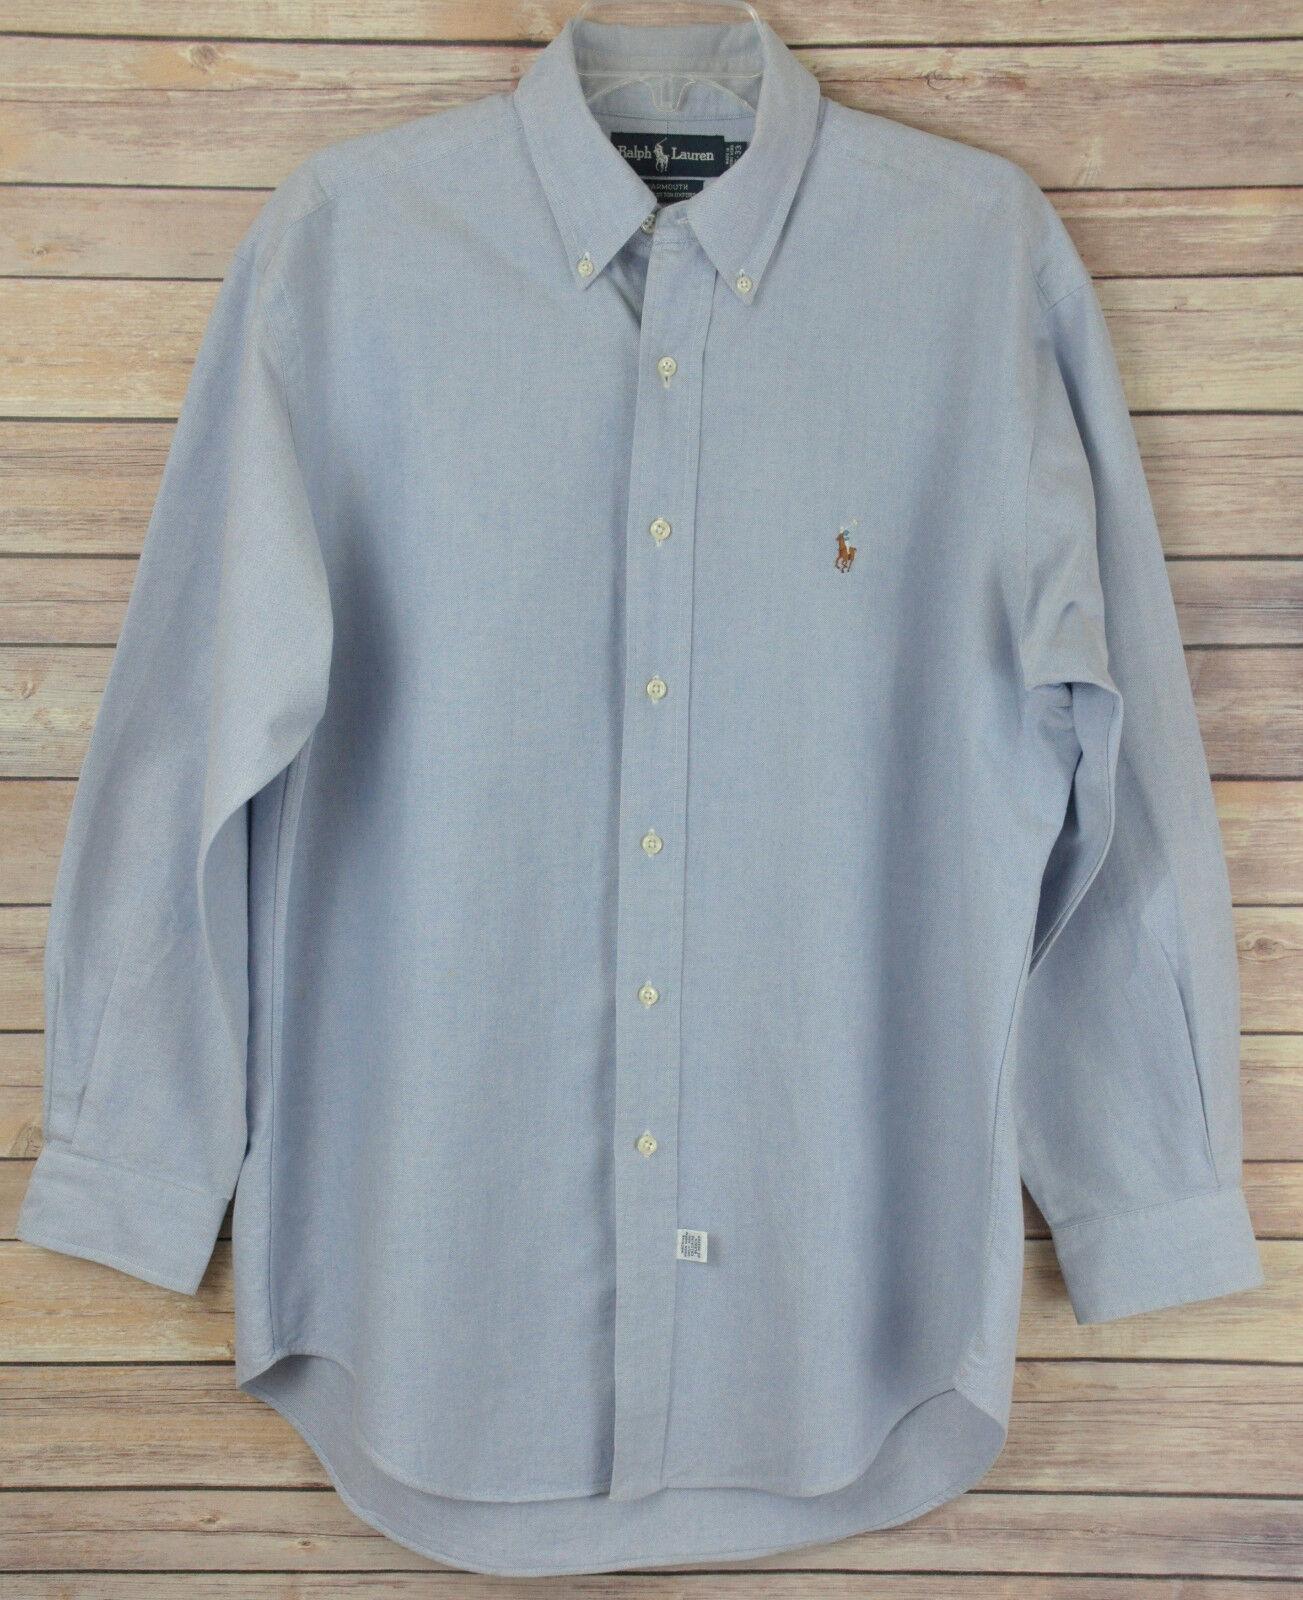 82d38dd0b77 RALPH LAUREN bluee Yarmouth Cotton Oxford Button Down Dress Shirt 16-33